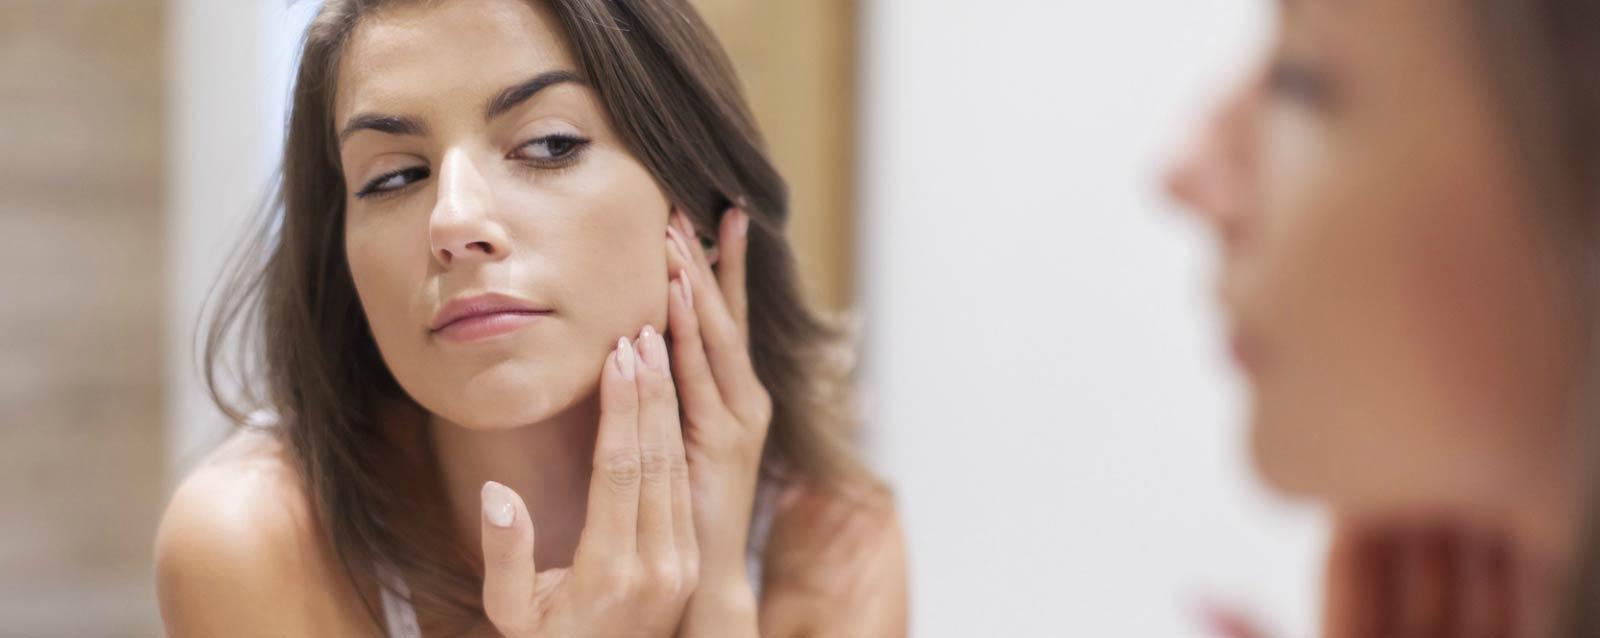 Protocolo: Limpeza de Pele Acneica Calmante e Regeneradora Microbiota Cutânea